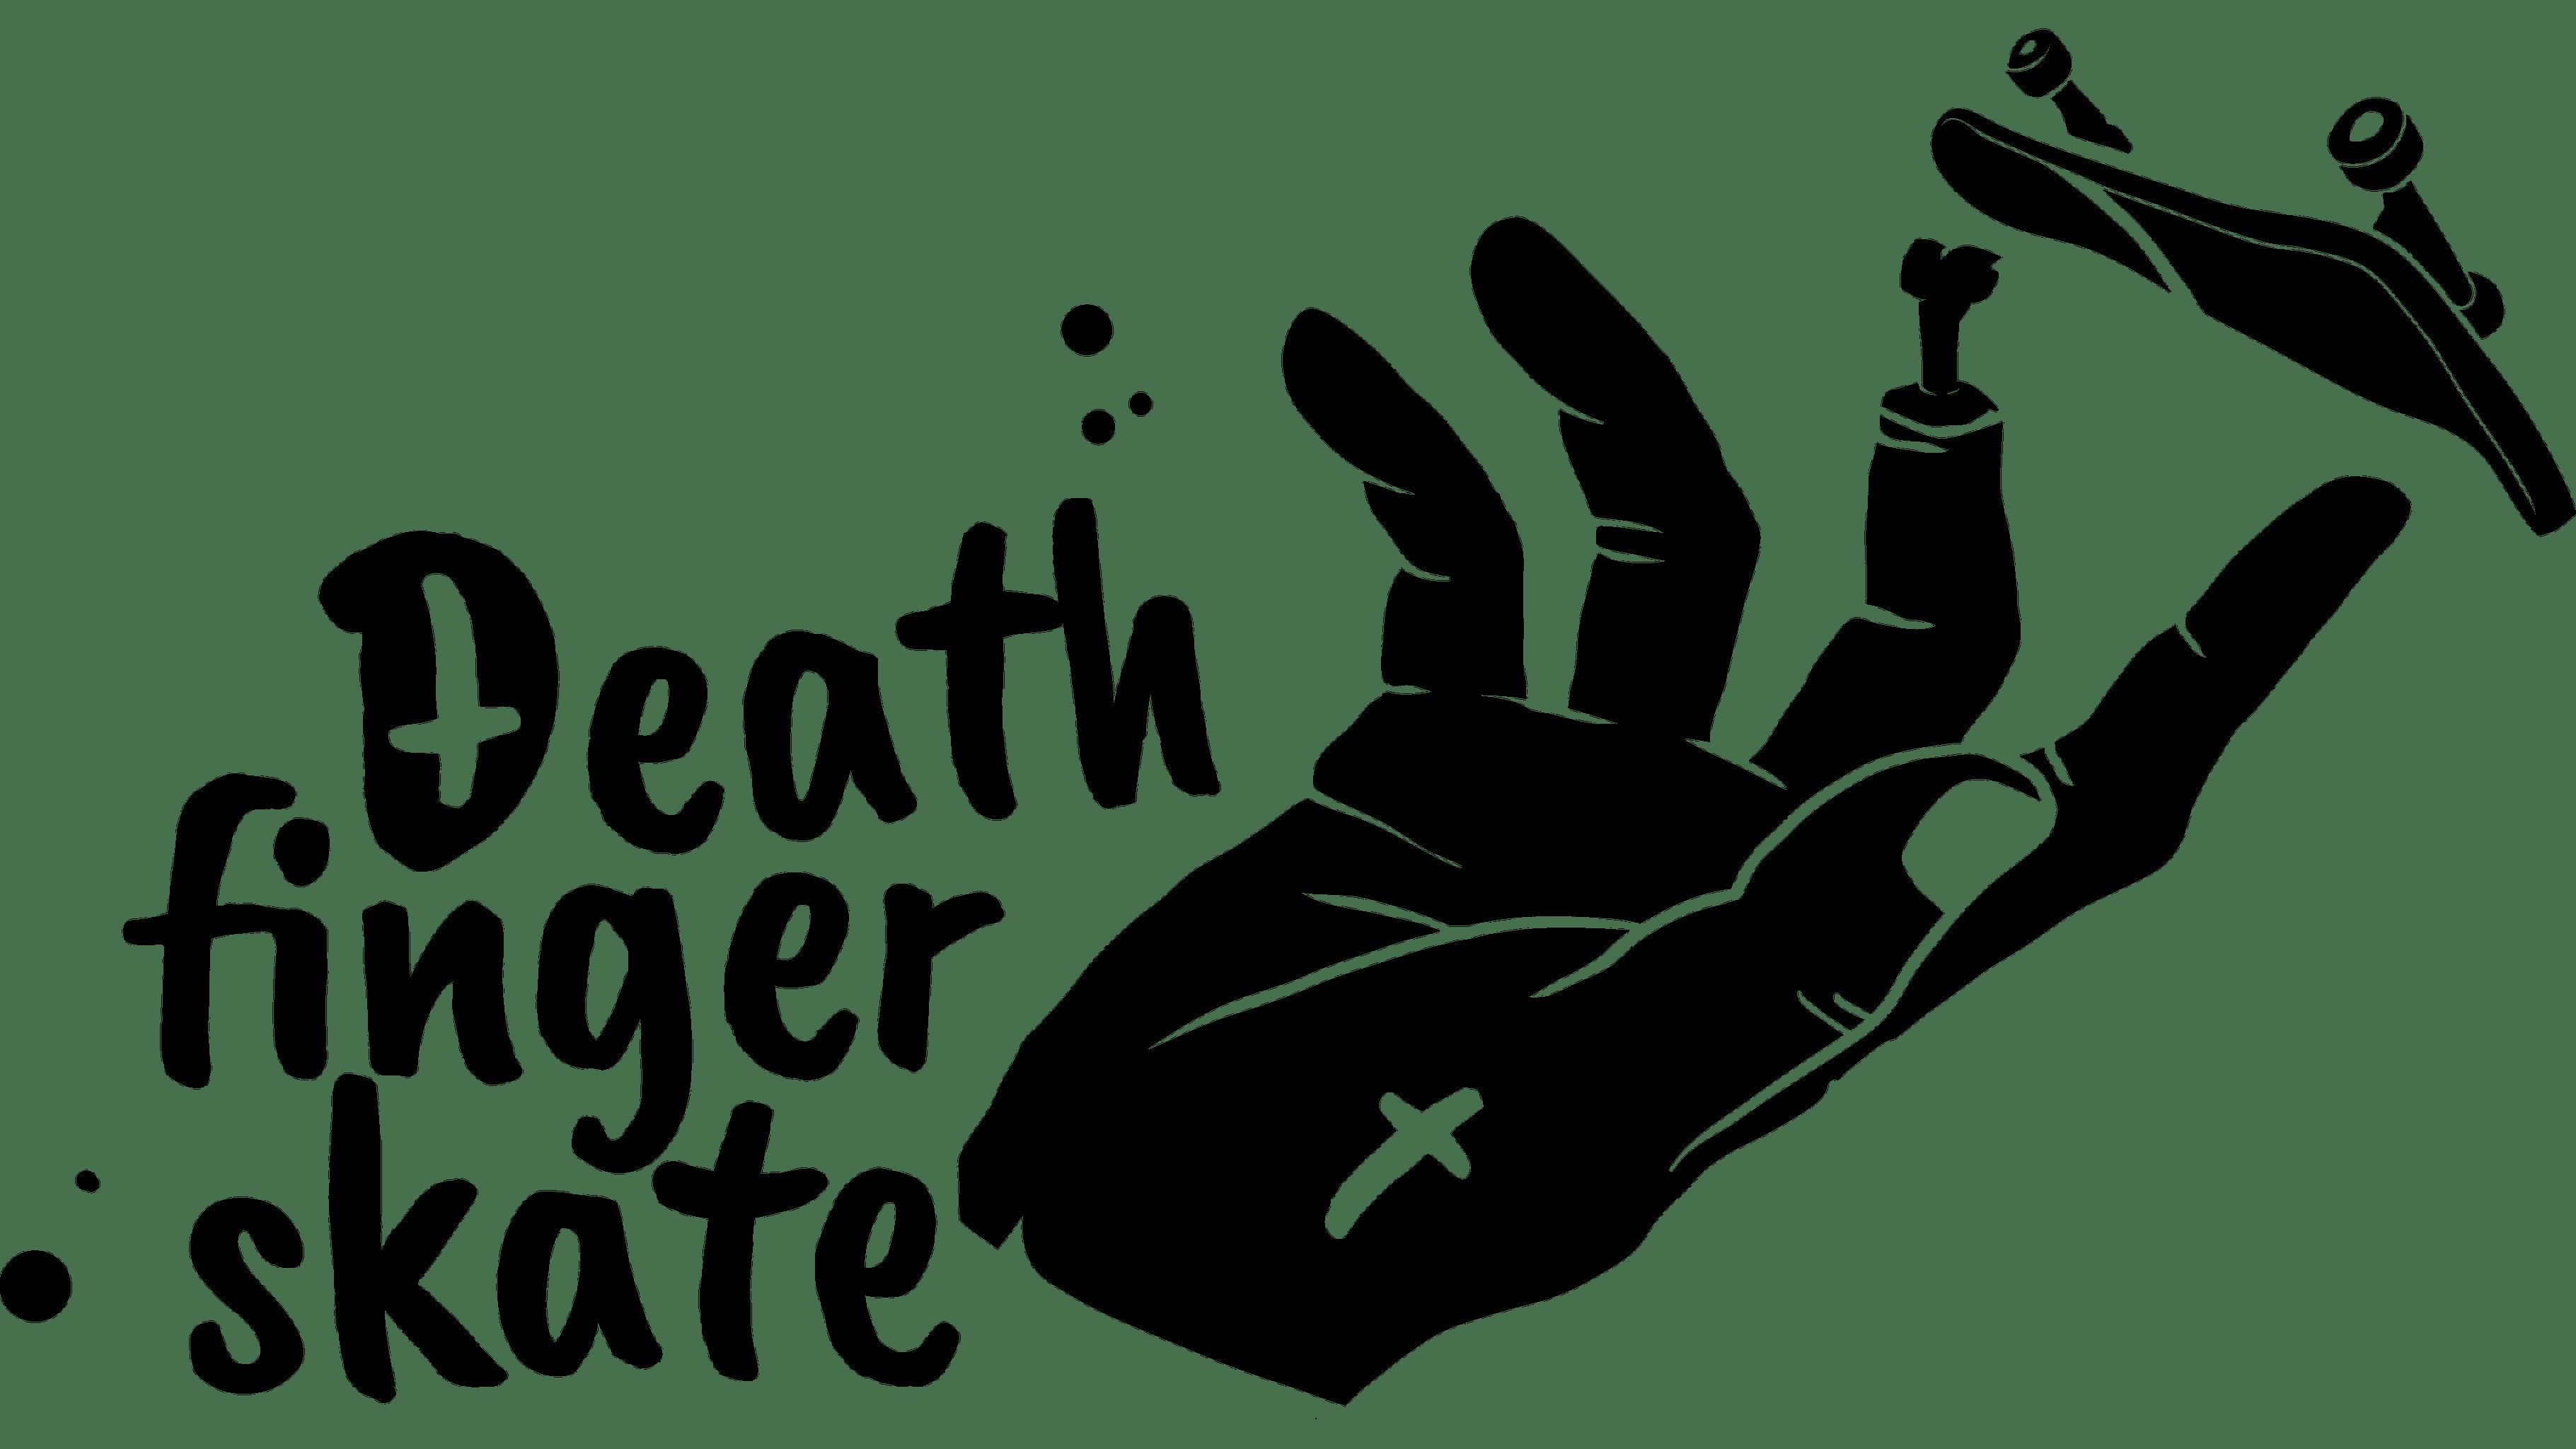 Death Fingerskate